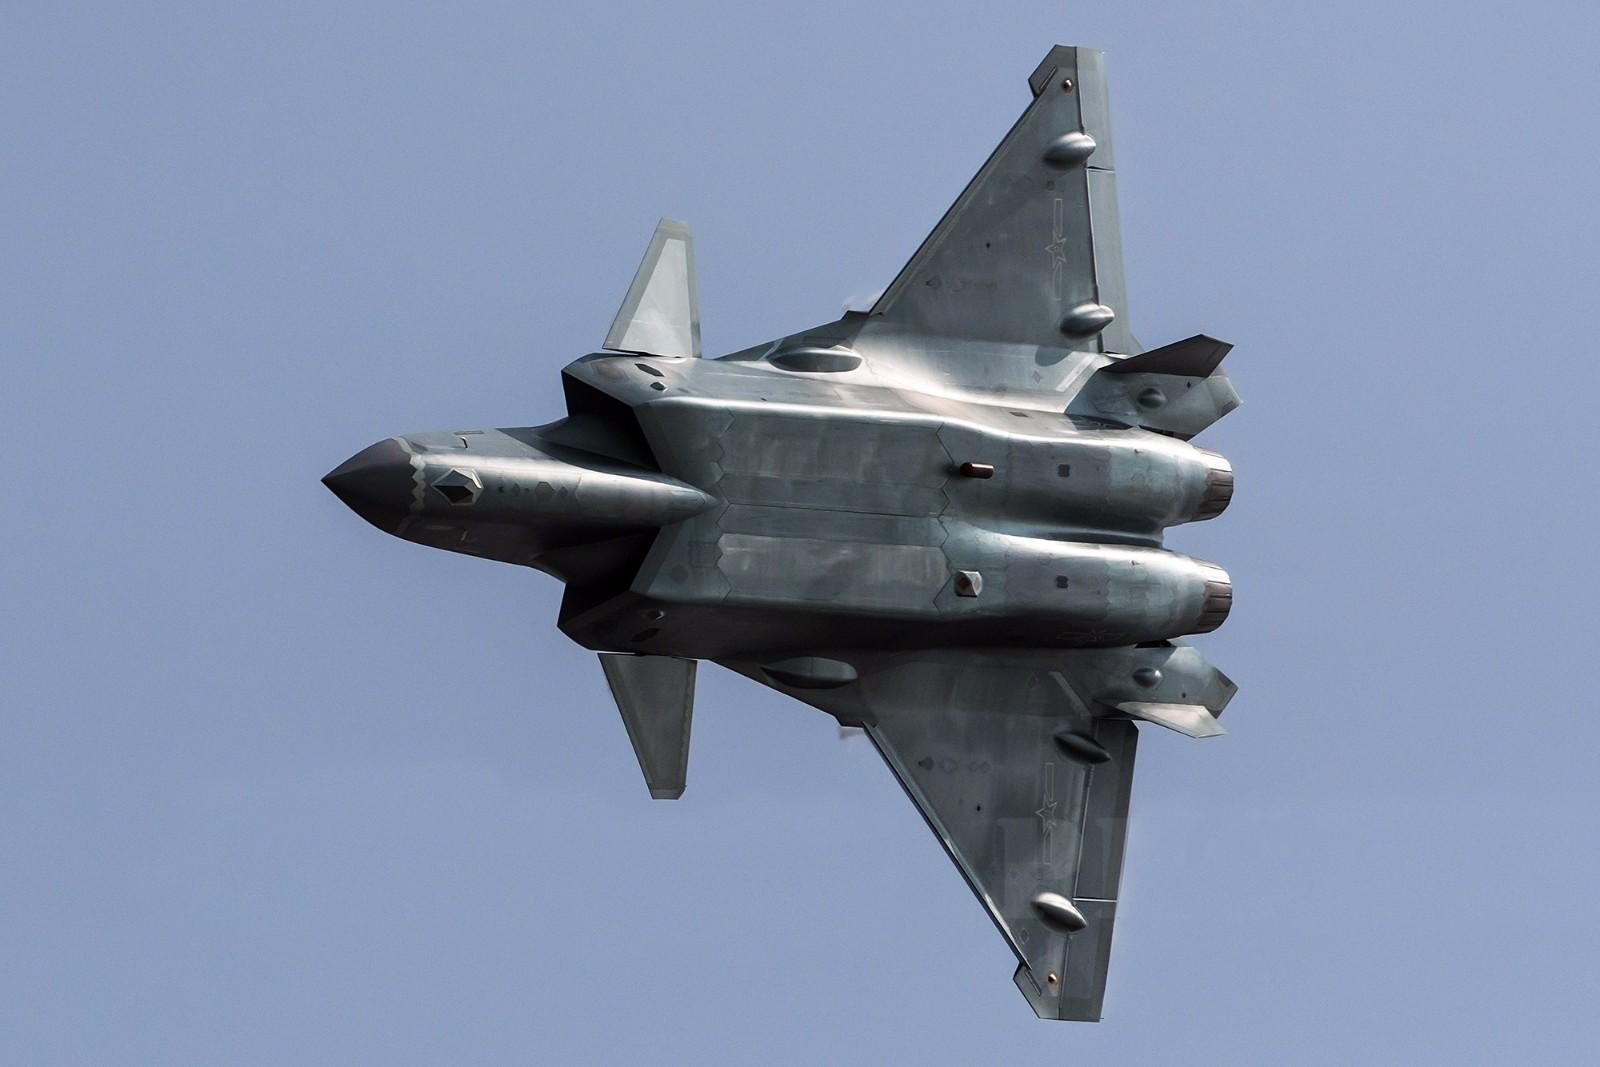 高清大图:歼-20战机细节一览无余 - 一统江山 - 一统江山的博客